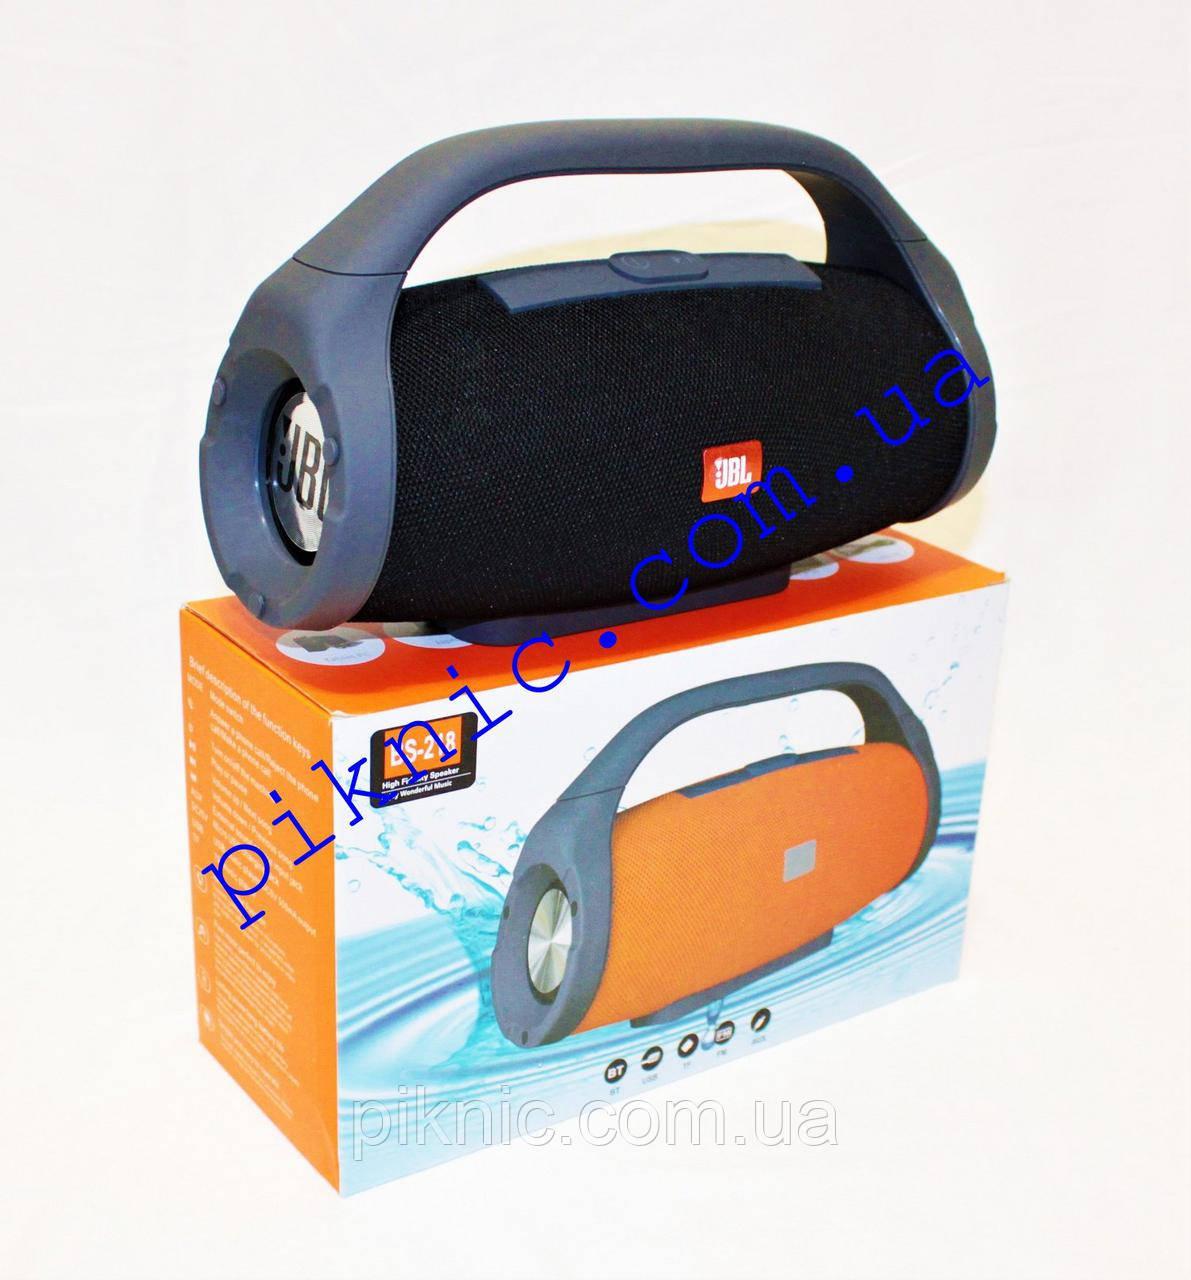 Беспроводная колонка JBL Boombox. Портативная Bluetooth колонка. Черный